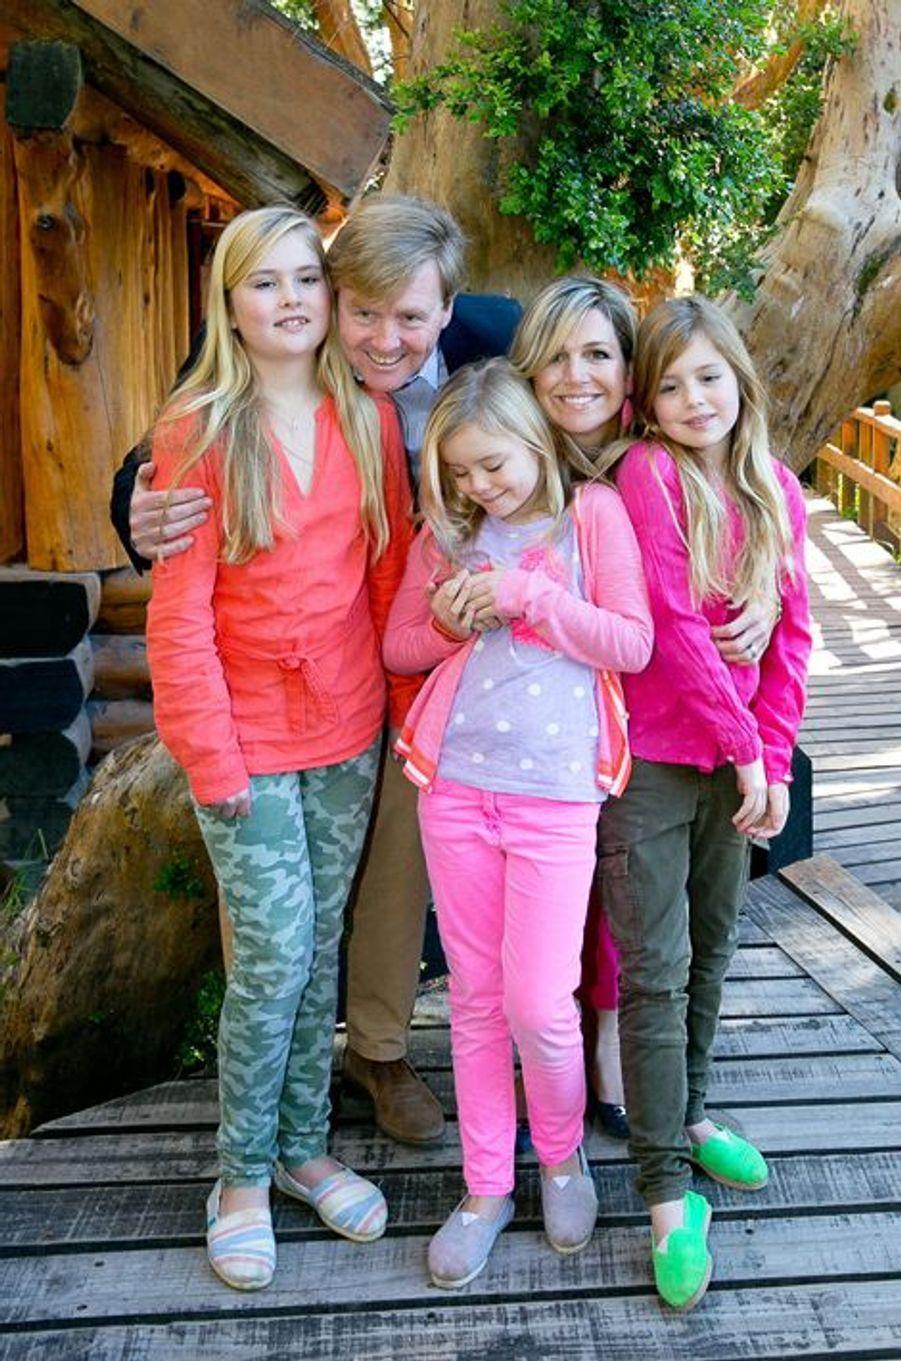 Maxima et Willem-Alexander avec leurs filles Catharina-Amalia, Alexia et Ariane, le 22 décembre 2014